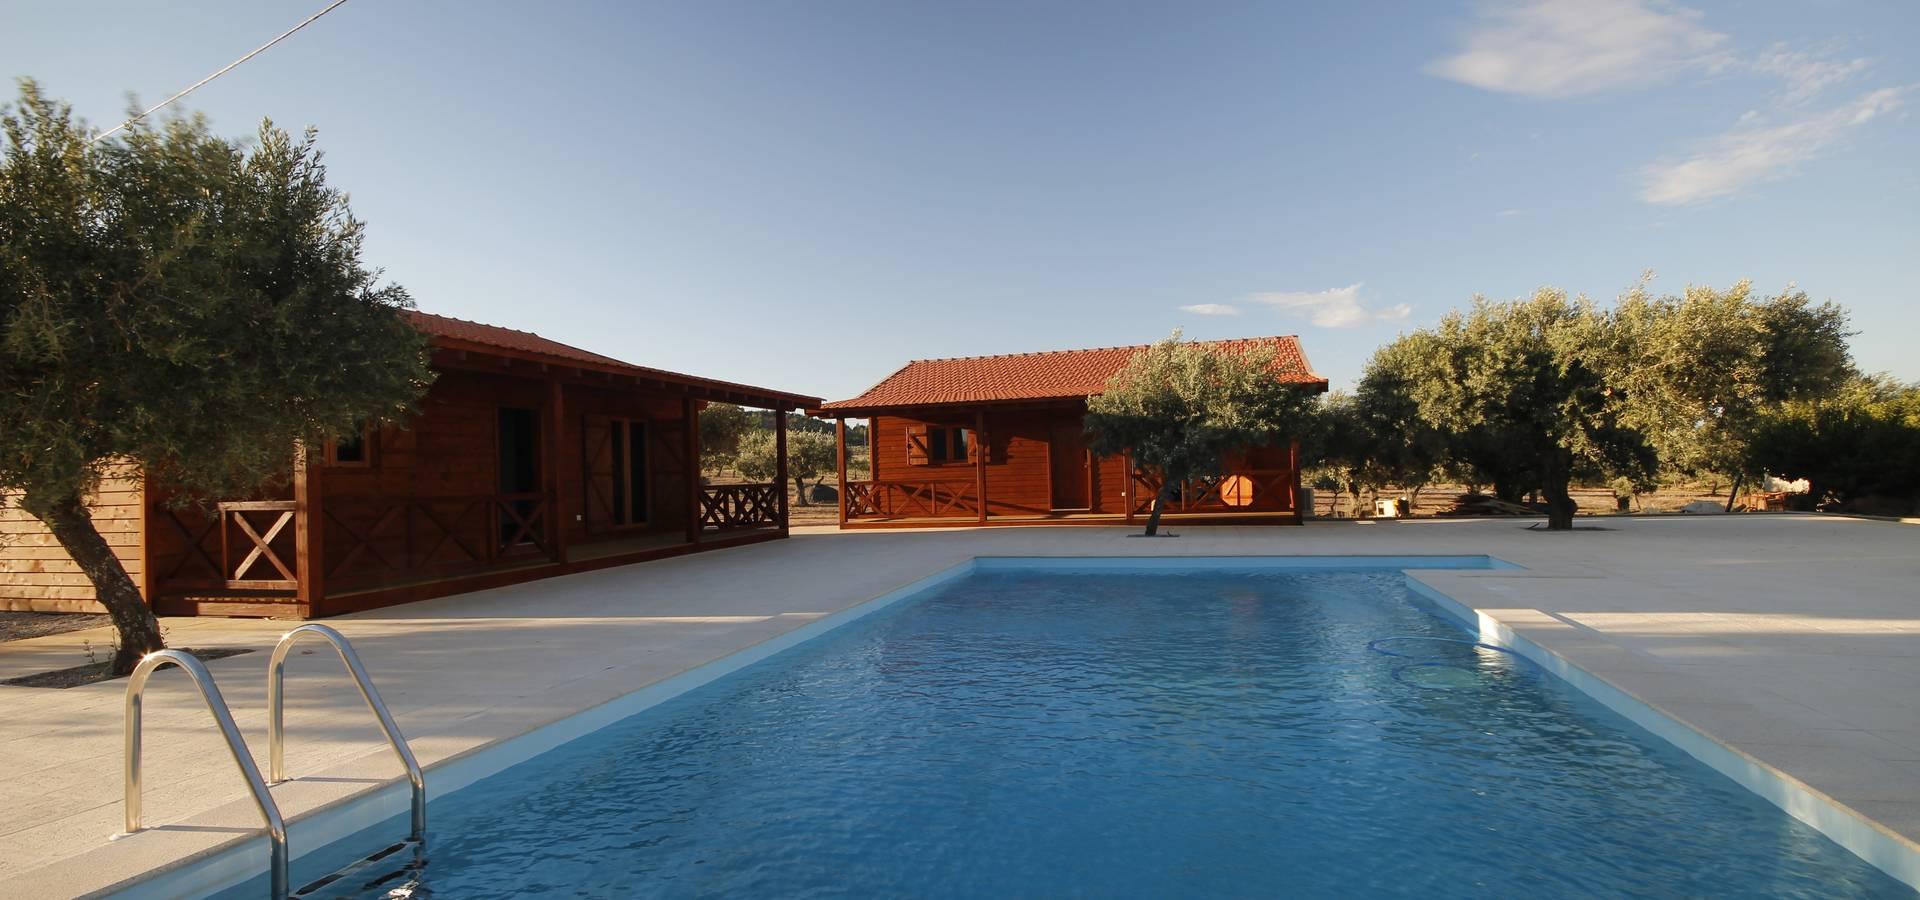 Ecositana casas de madeira portugal construtores em - Casas de madera portugal ...